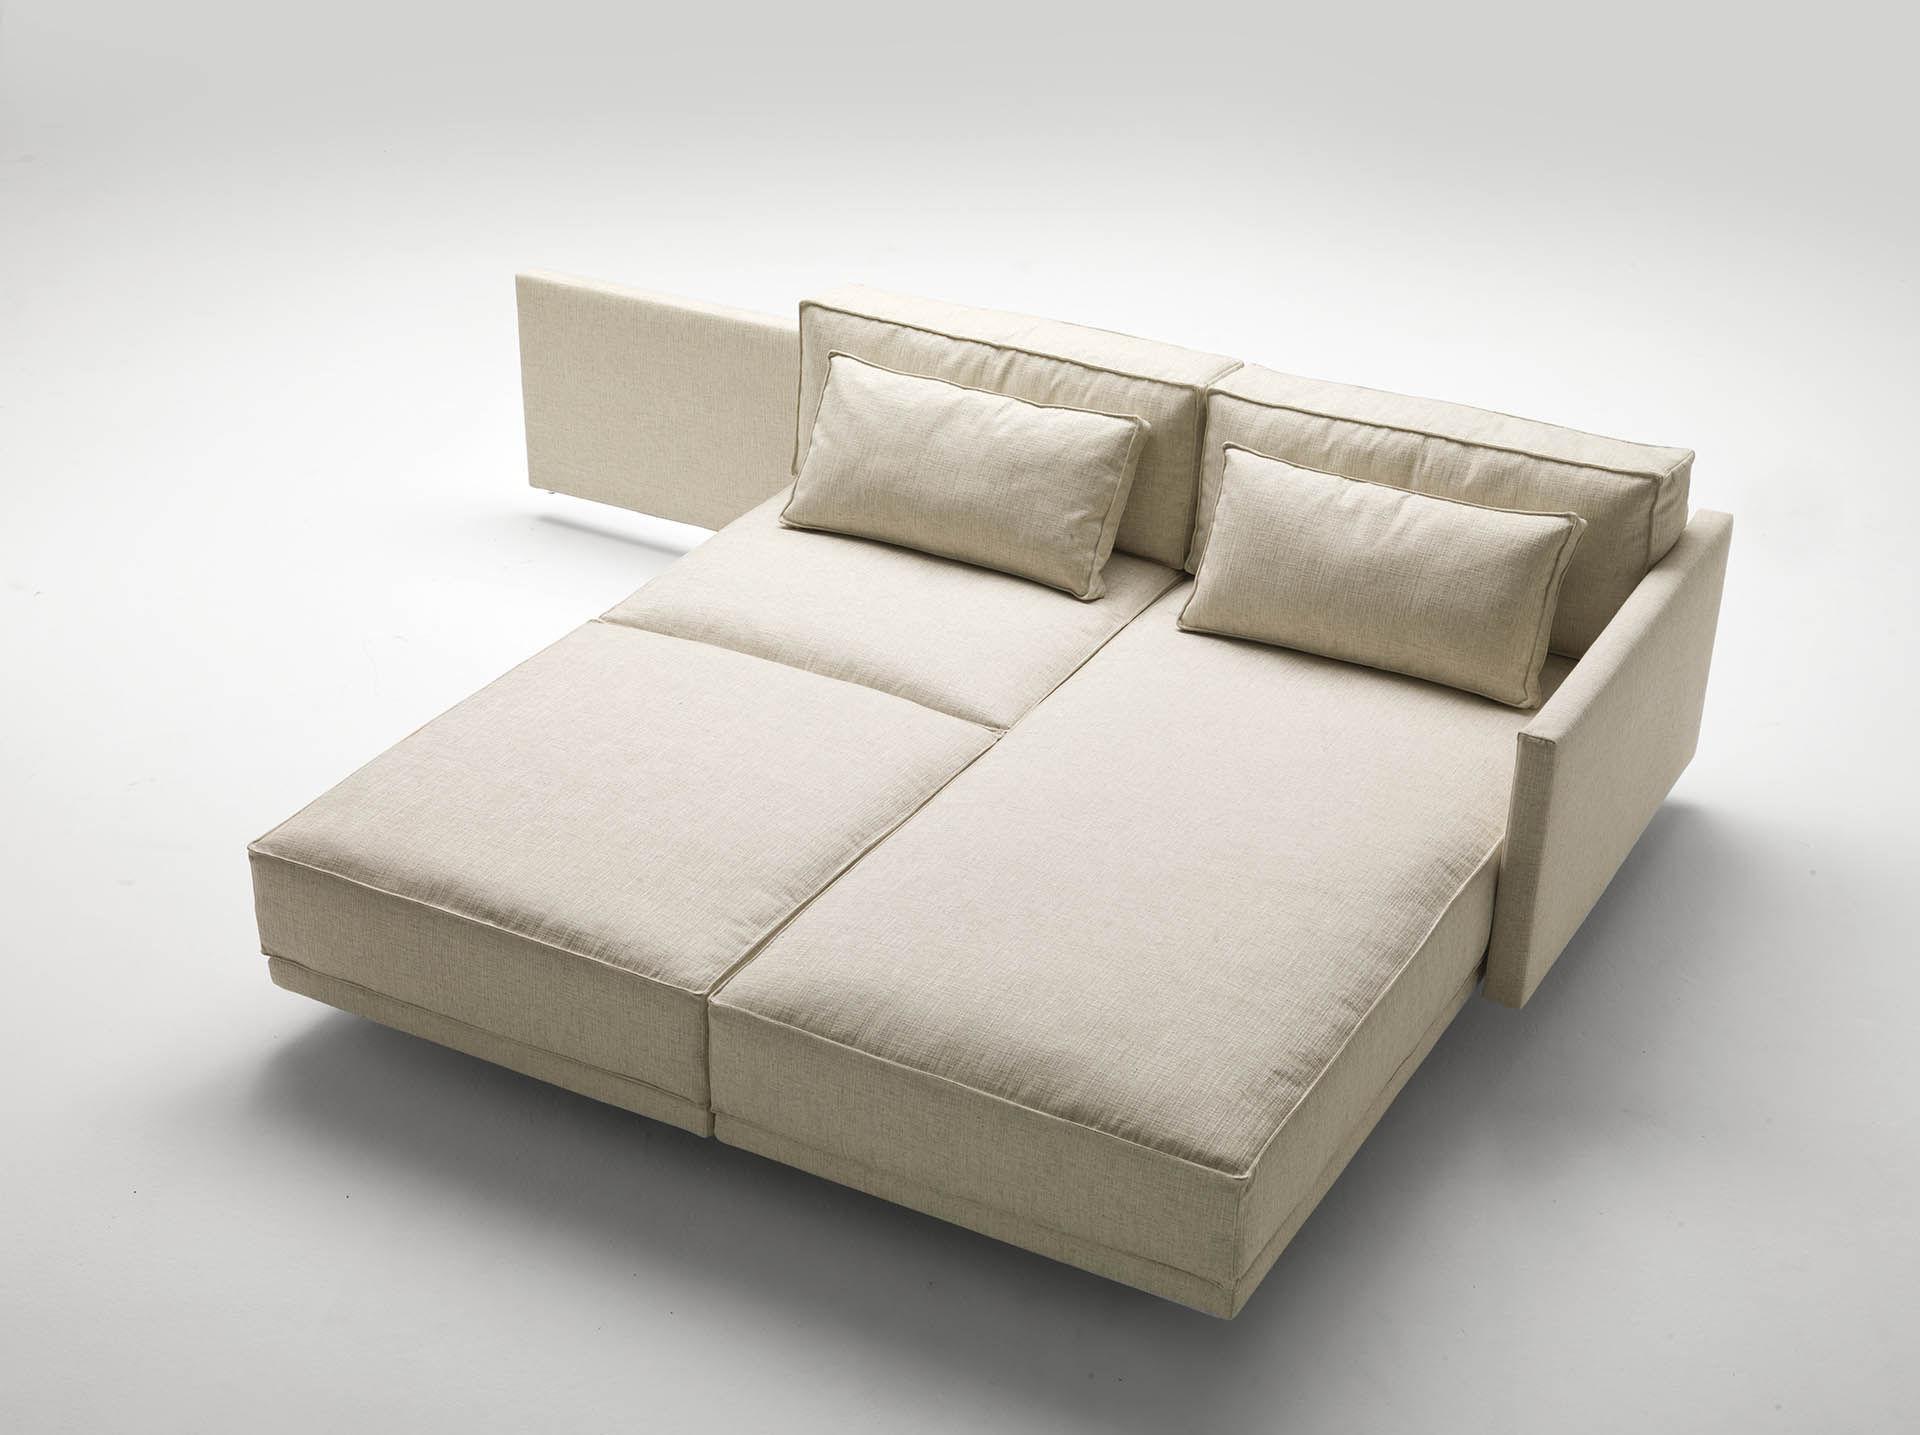 Modular Sofa Bed Contemporary